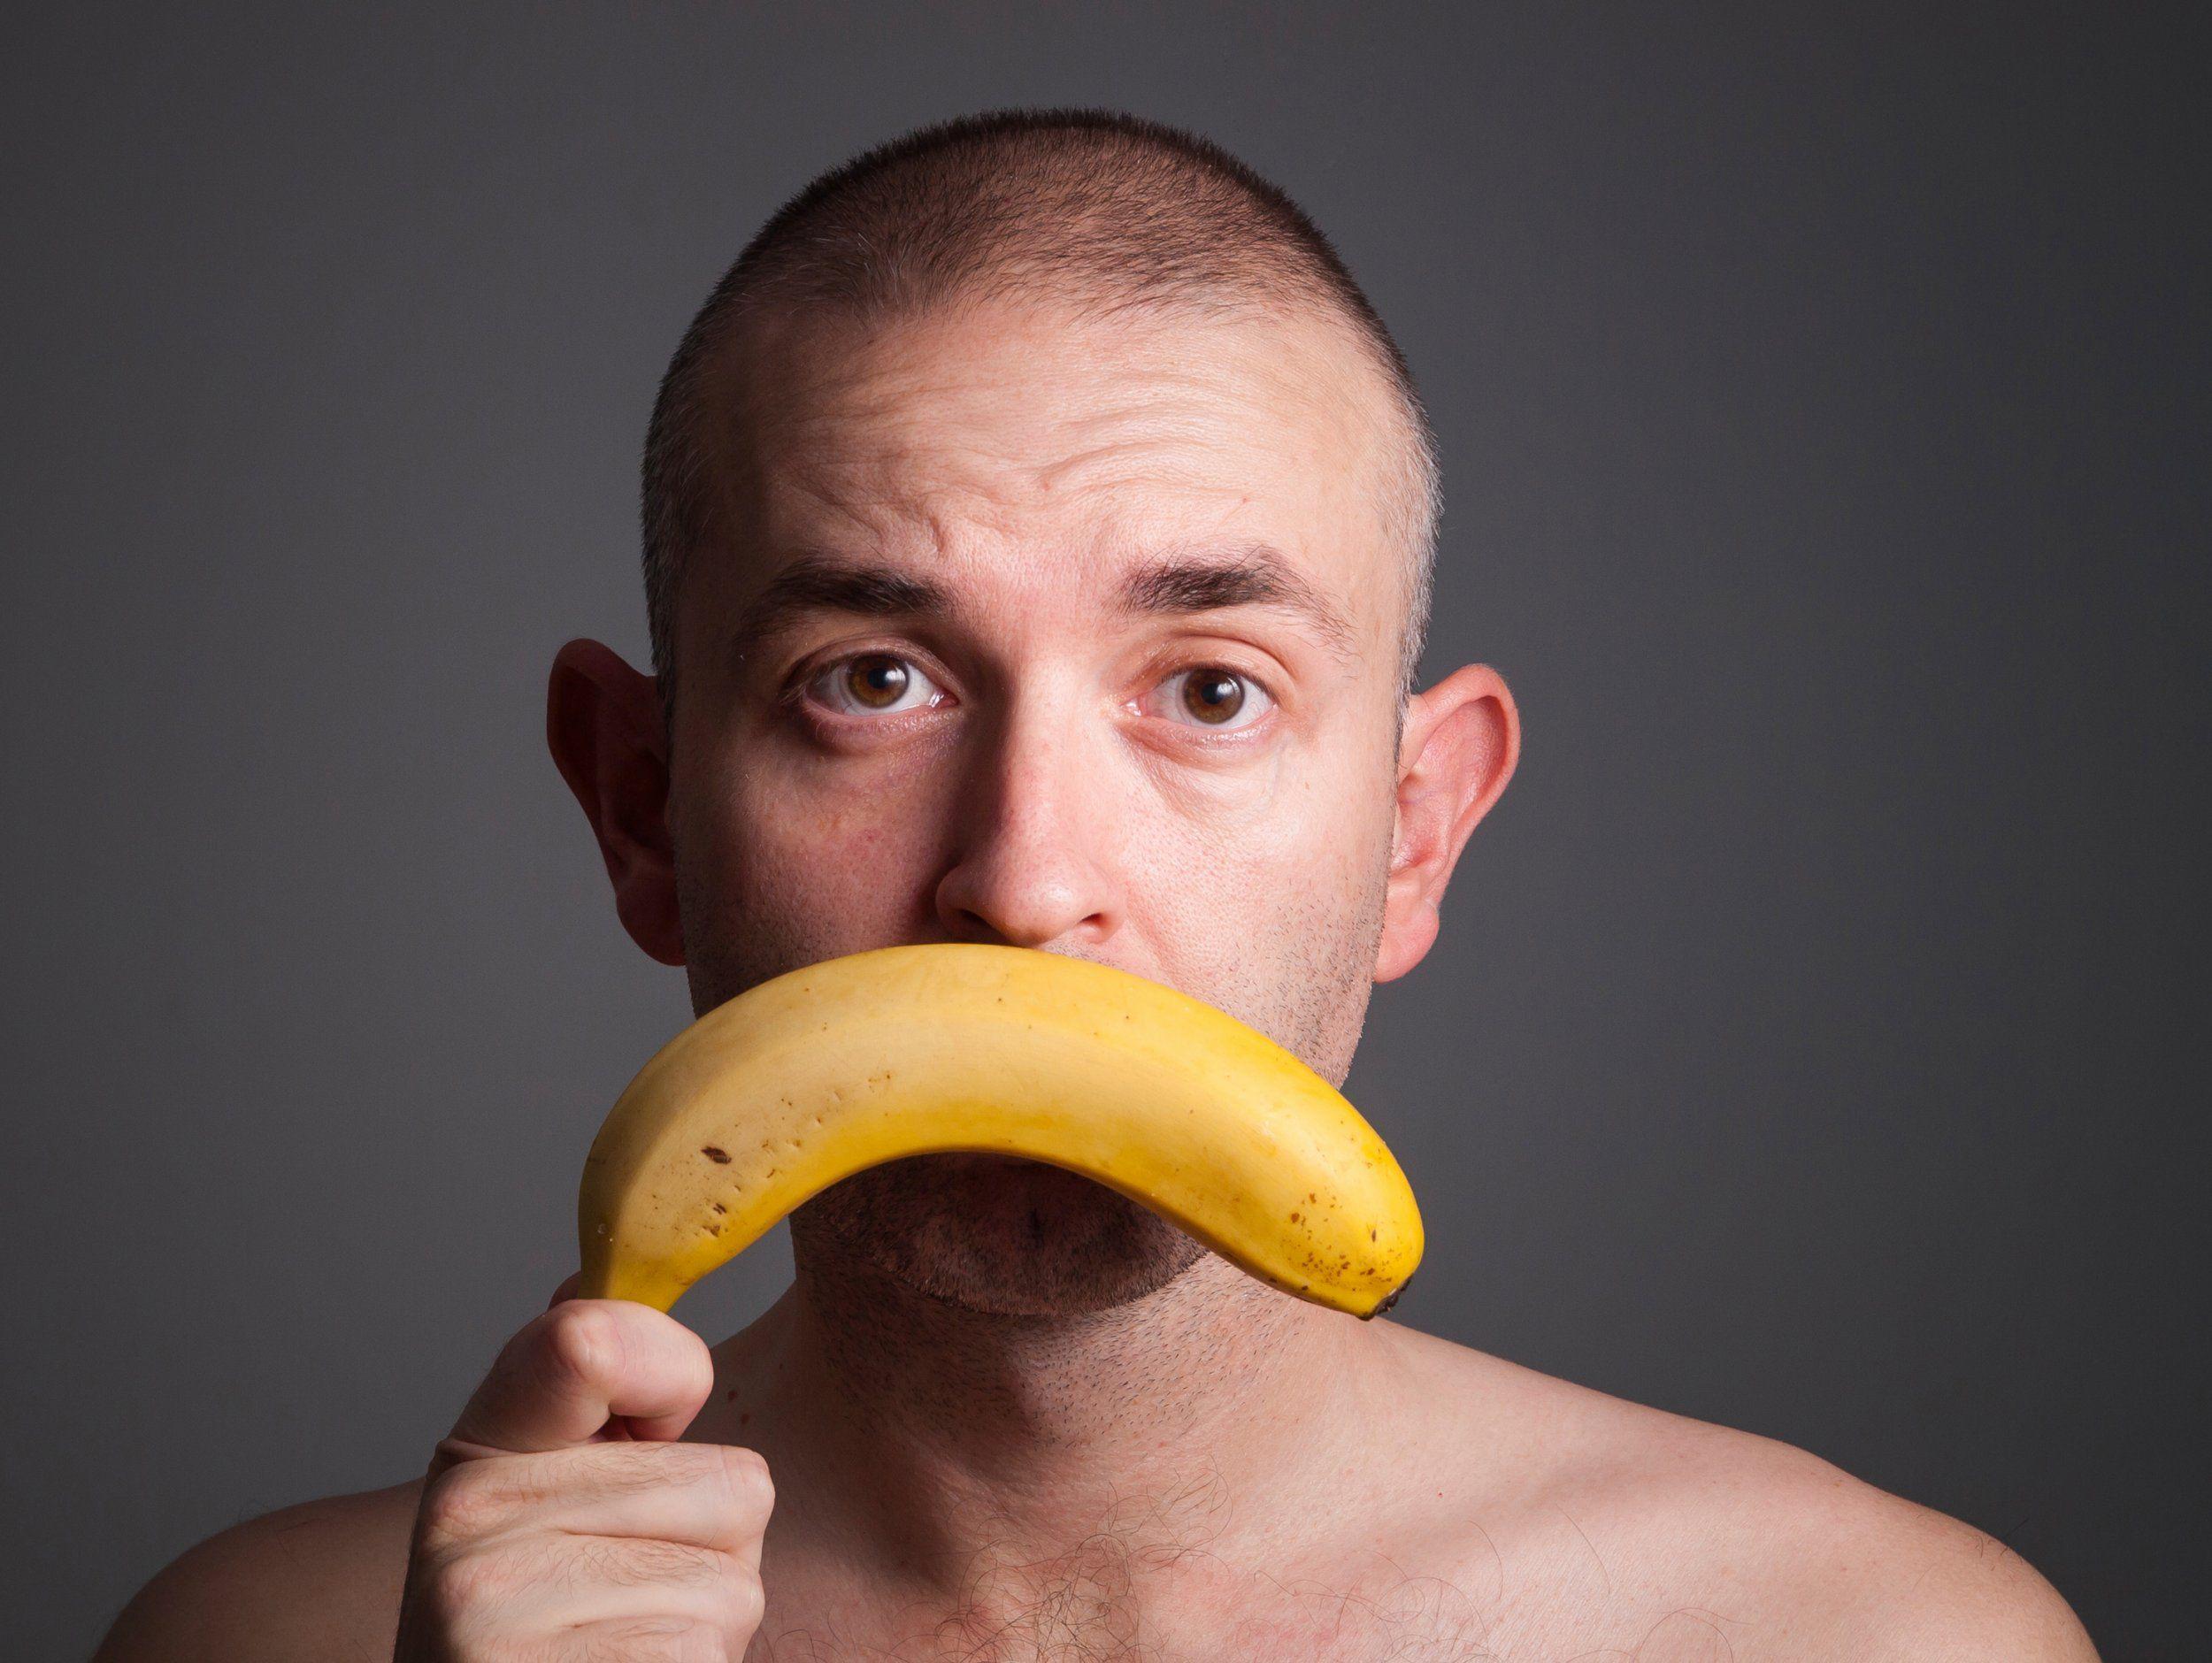 Нередко в проблемах, связанных с плохой эрекцией виноват сам мужчина